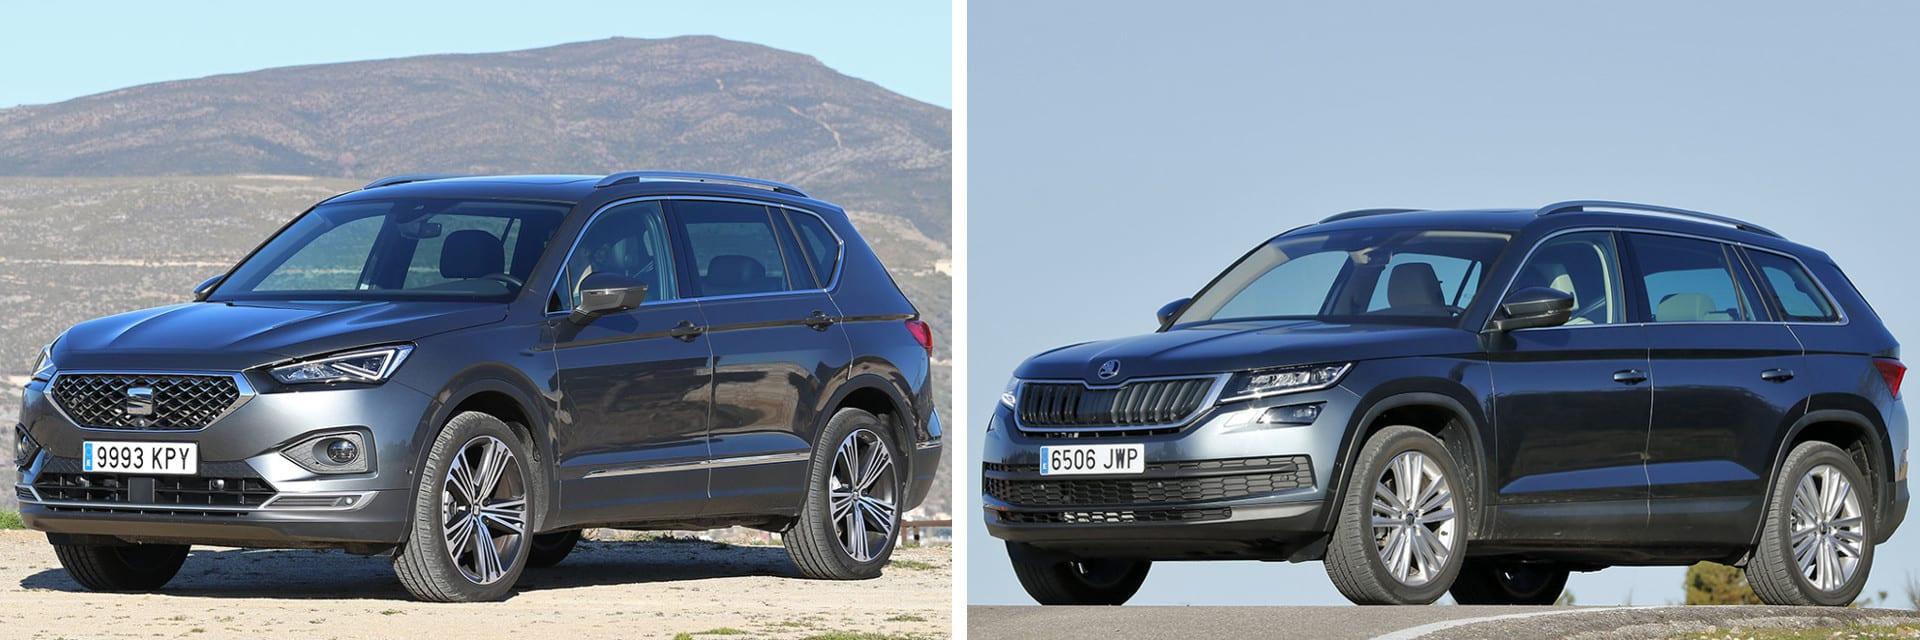 El SEAT Tarraco (izq.) tiene mayor aceleración; el Škoda Kodiaq (dcha.) es más económico y tiene un menor consumo. / km77